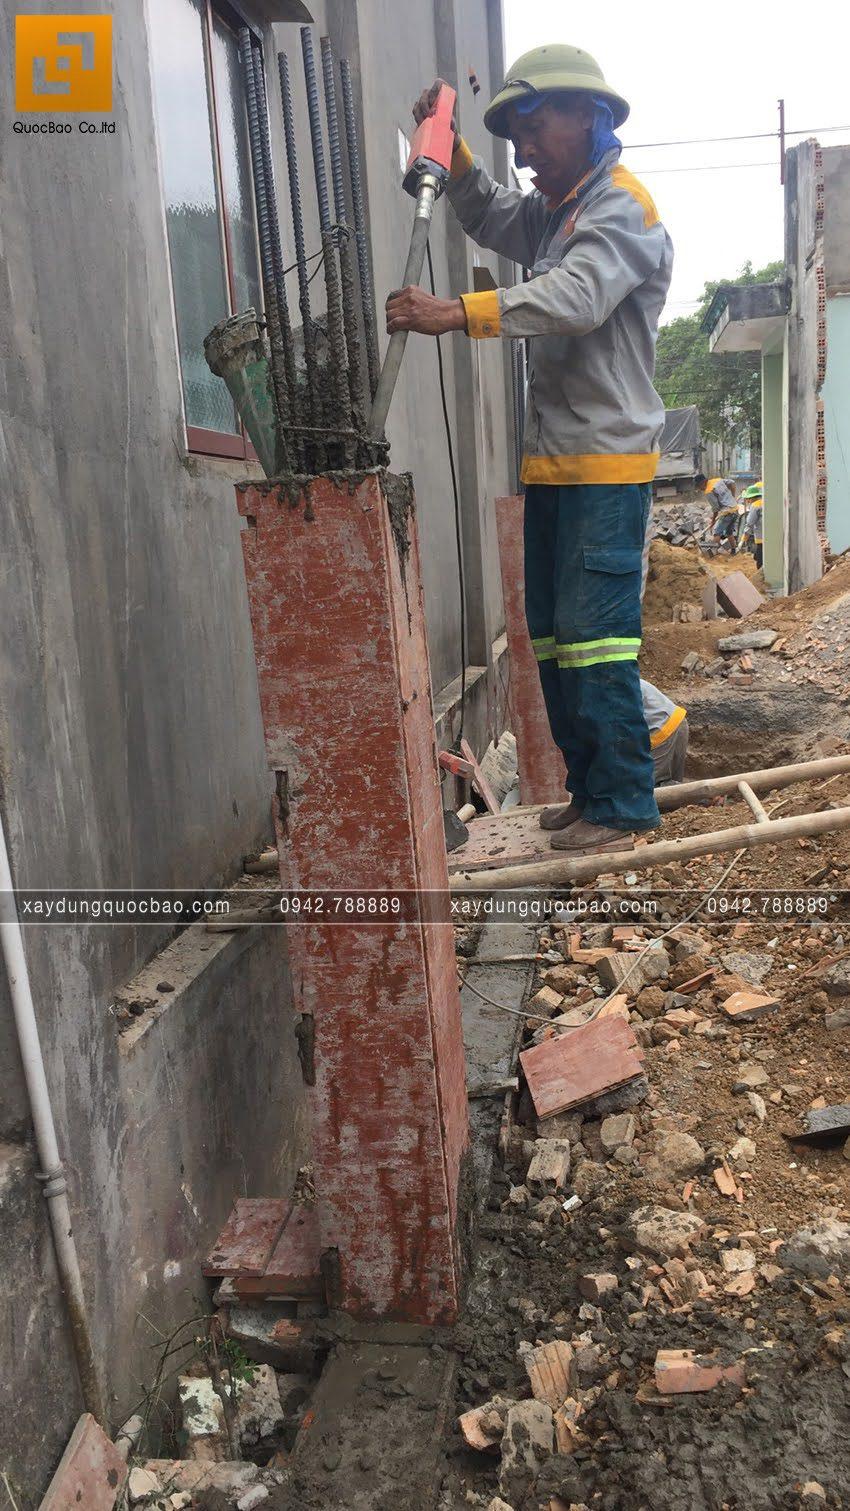 Khởi công nhà phố 3 tầng tại Vĩnh Cửu của chú Thanh - Ảnh 22